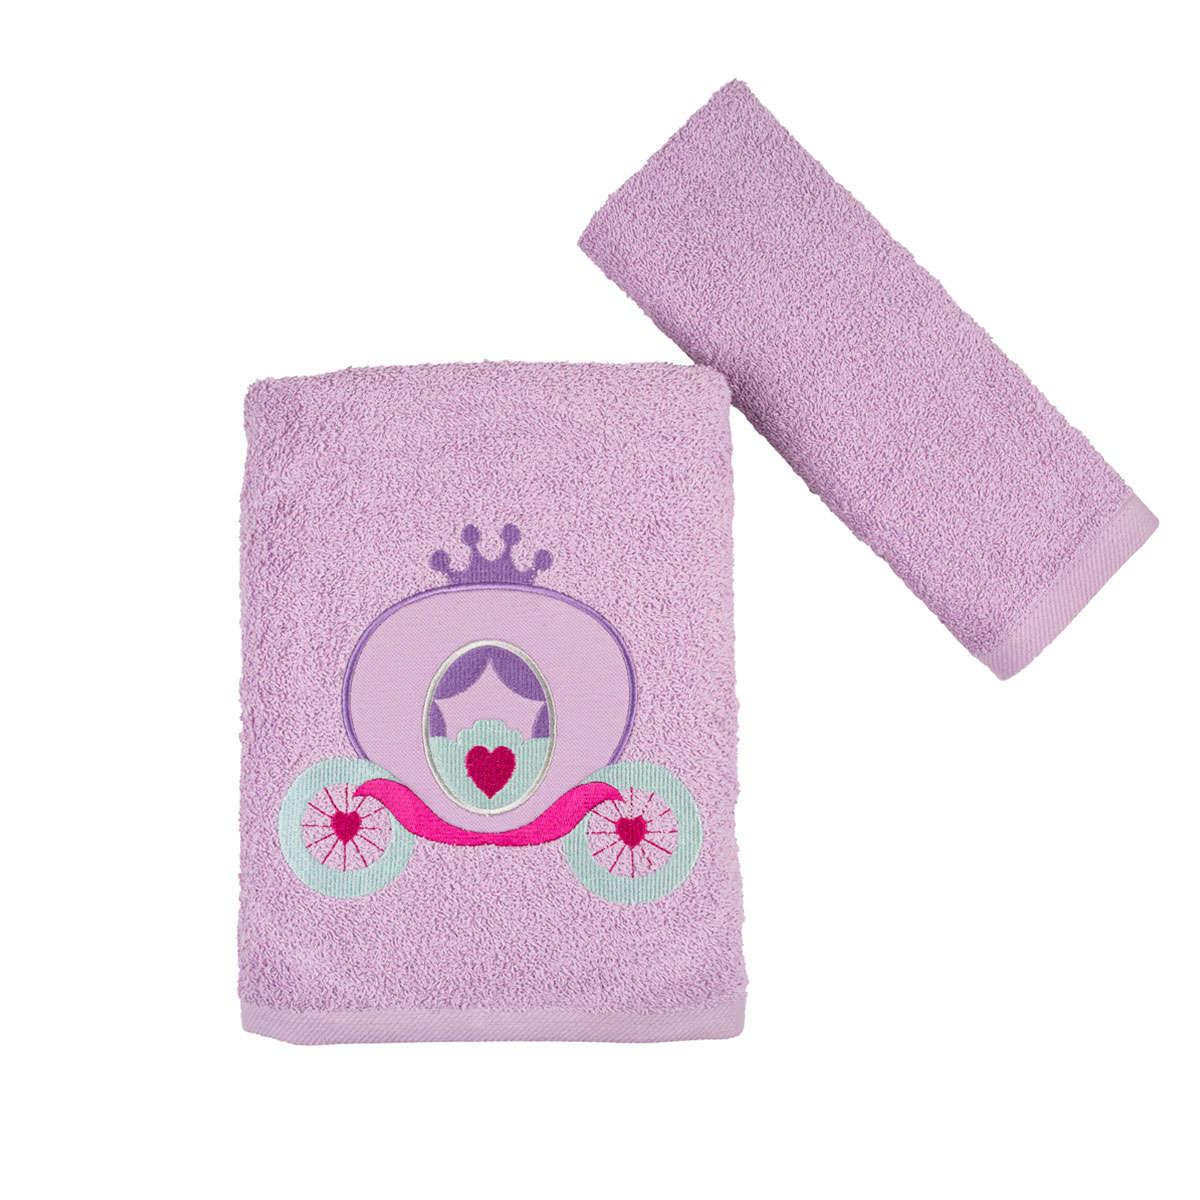 Πετσέτες Παιδικές Carriage Σετ 2τμχ Lila Astron Σετ Πετσέτες